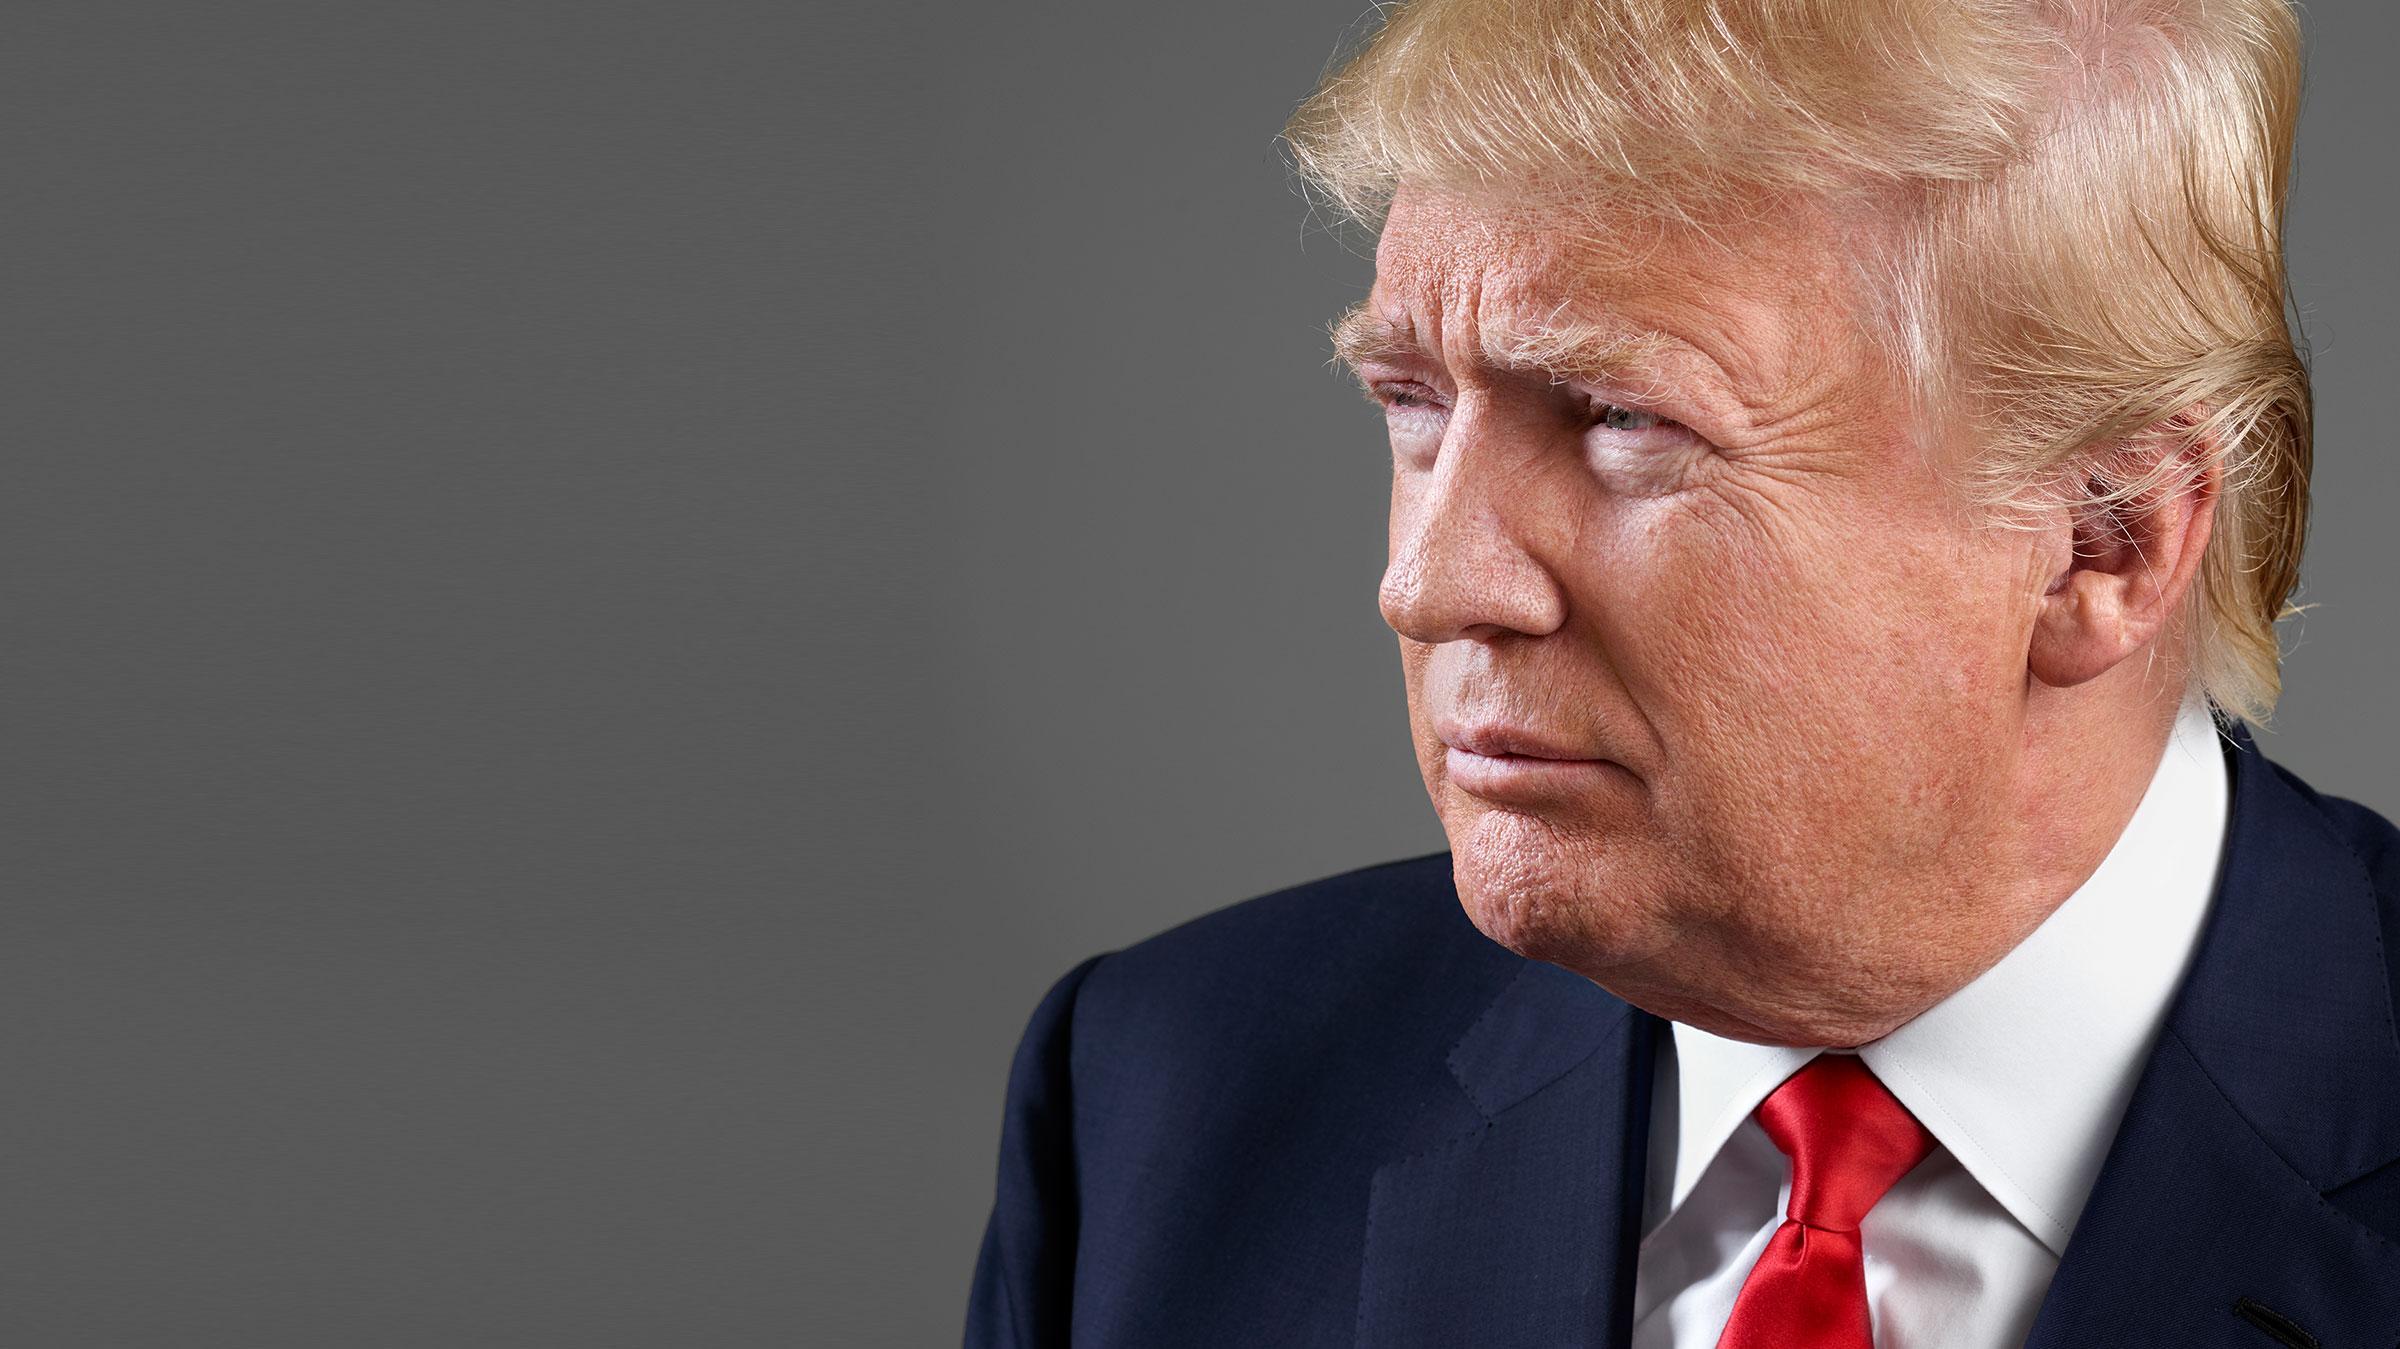 Lệnh hạn chế nhập cư của Tổng thống Mỹ Donald Trump đang khiến nhiều nhà khoa học khốn đốn.